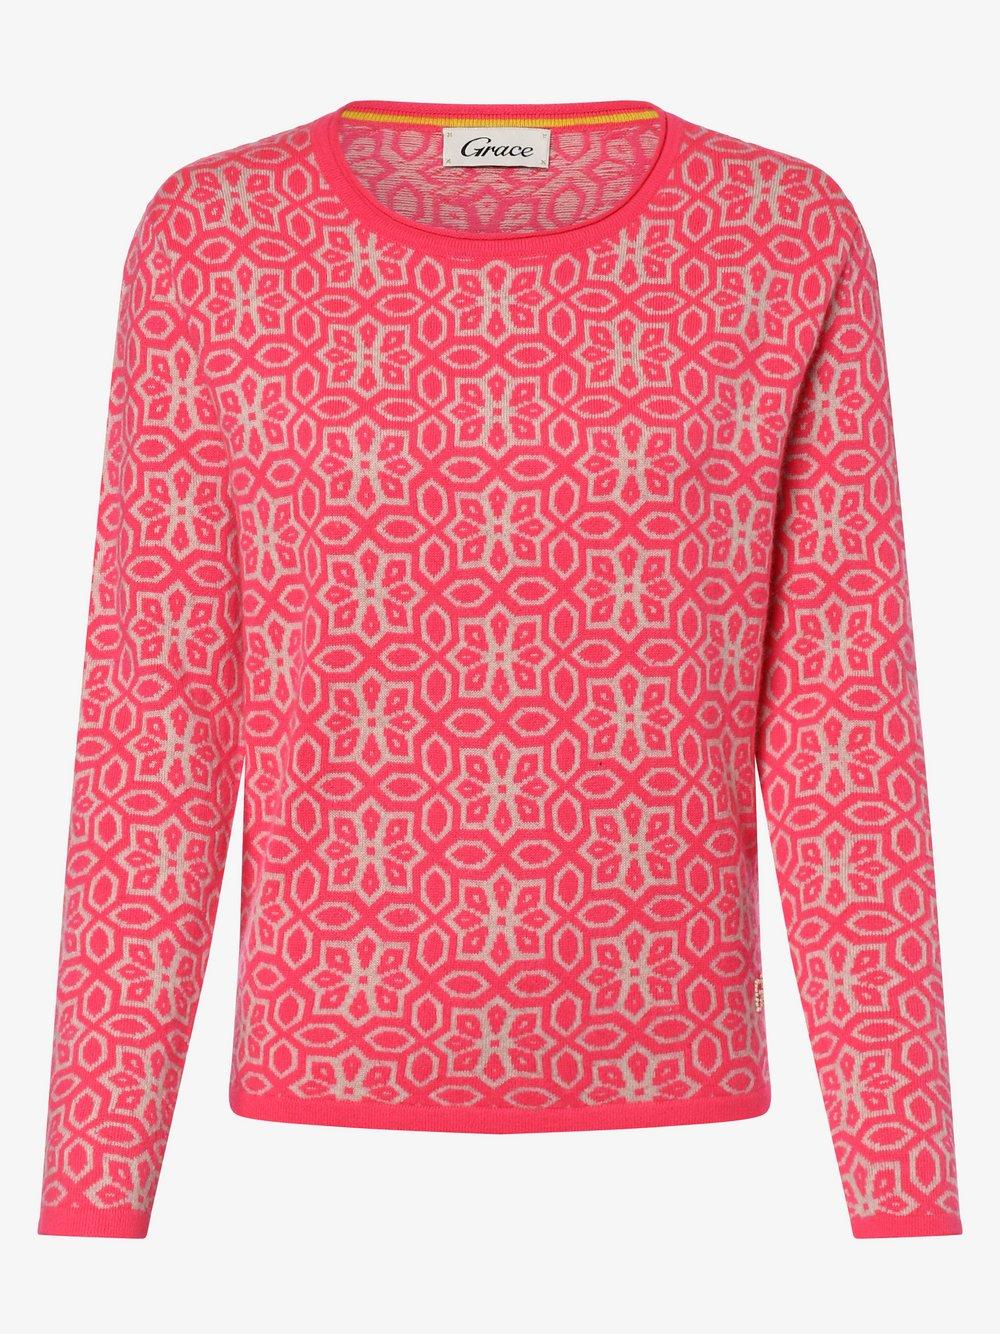 Grace – Sweter damski z dodatkiem wełny merino i kaszmiru, różowy Van Graaf 458242-0001-09900